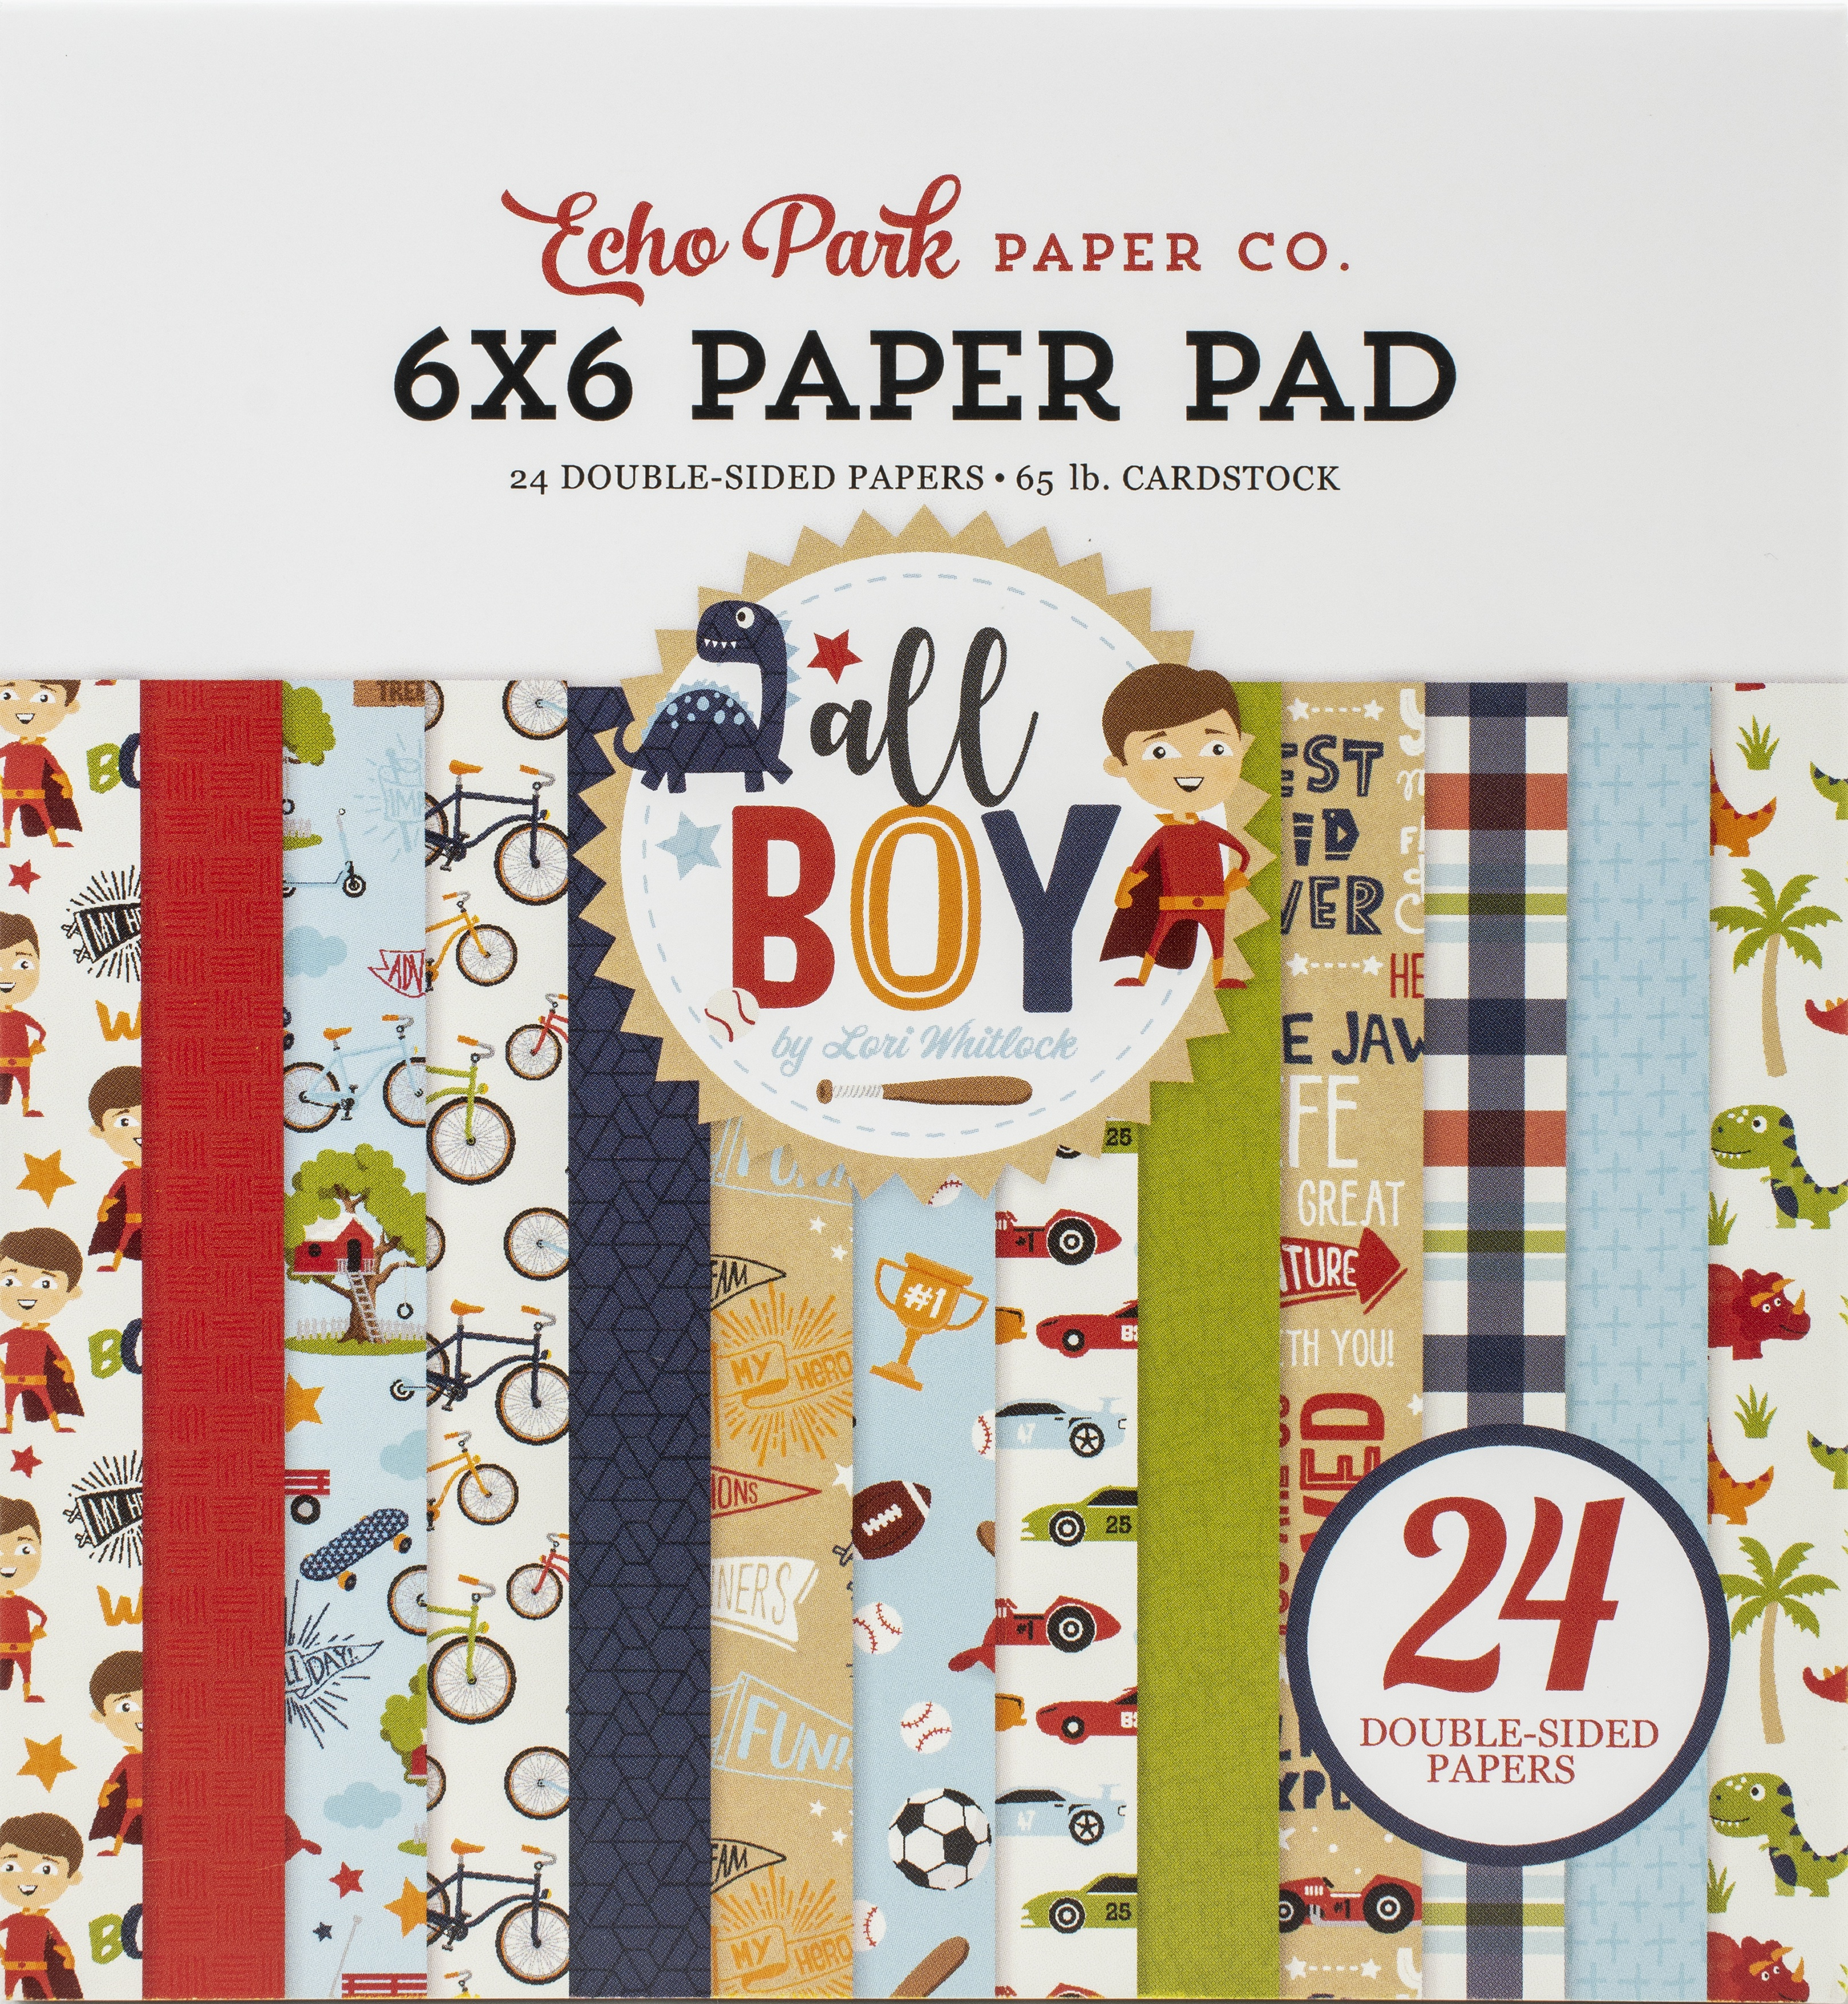 All Boy Paper Pad 6X6